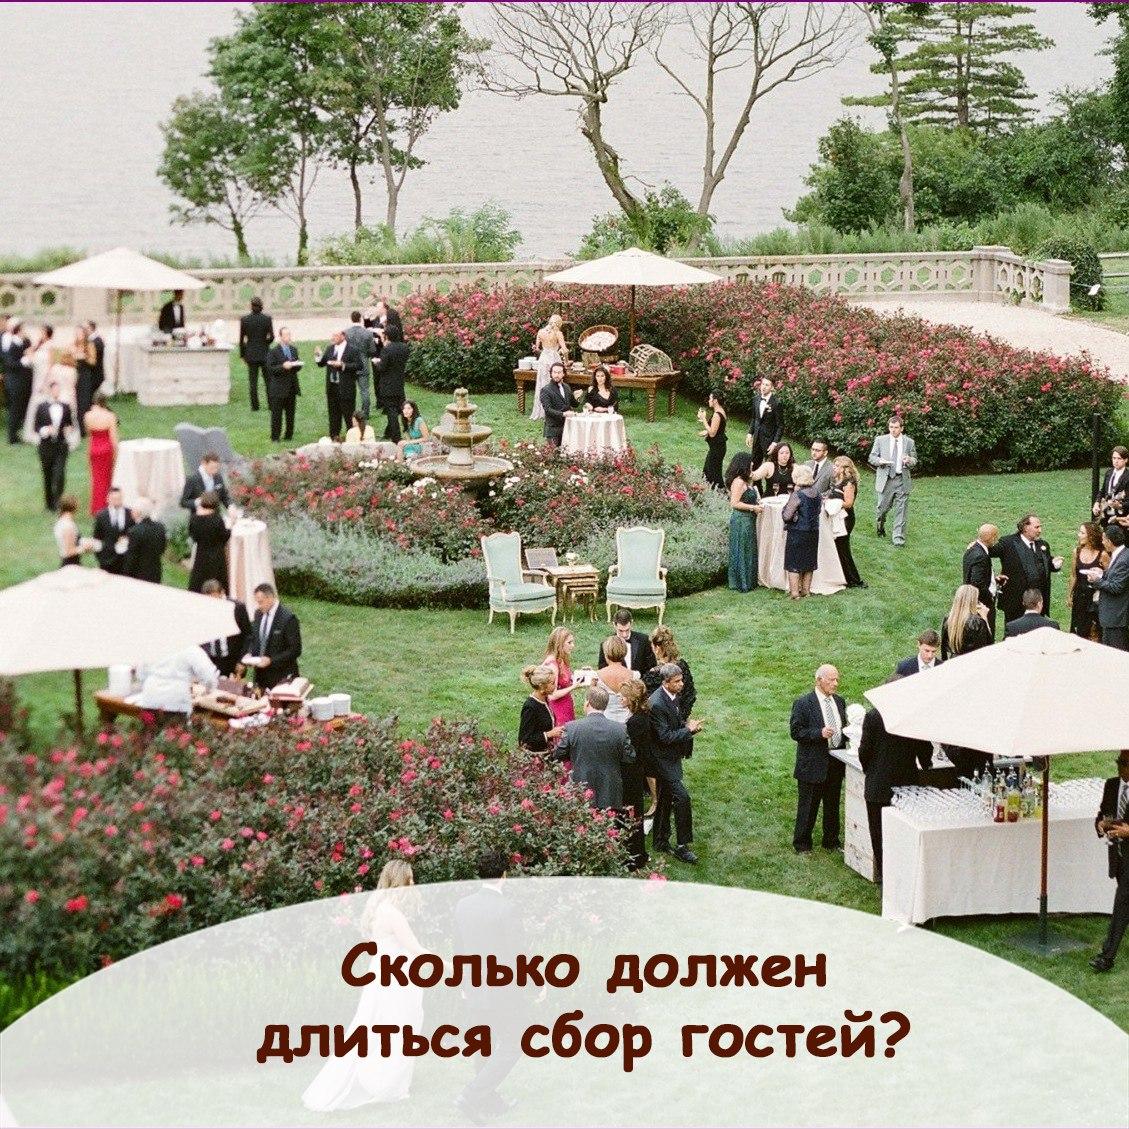 JvlUXUBlAYE - Сколько должен длиться сбор гостей?